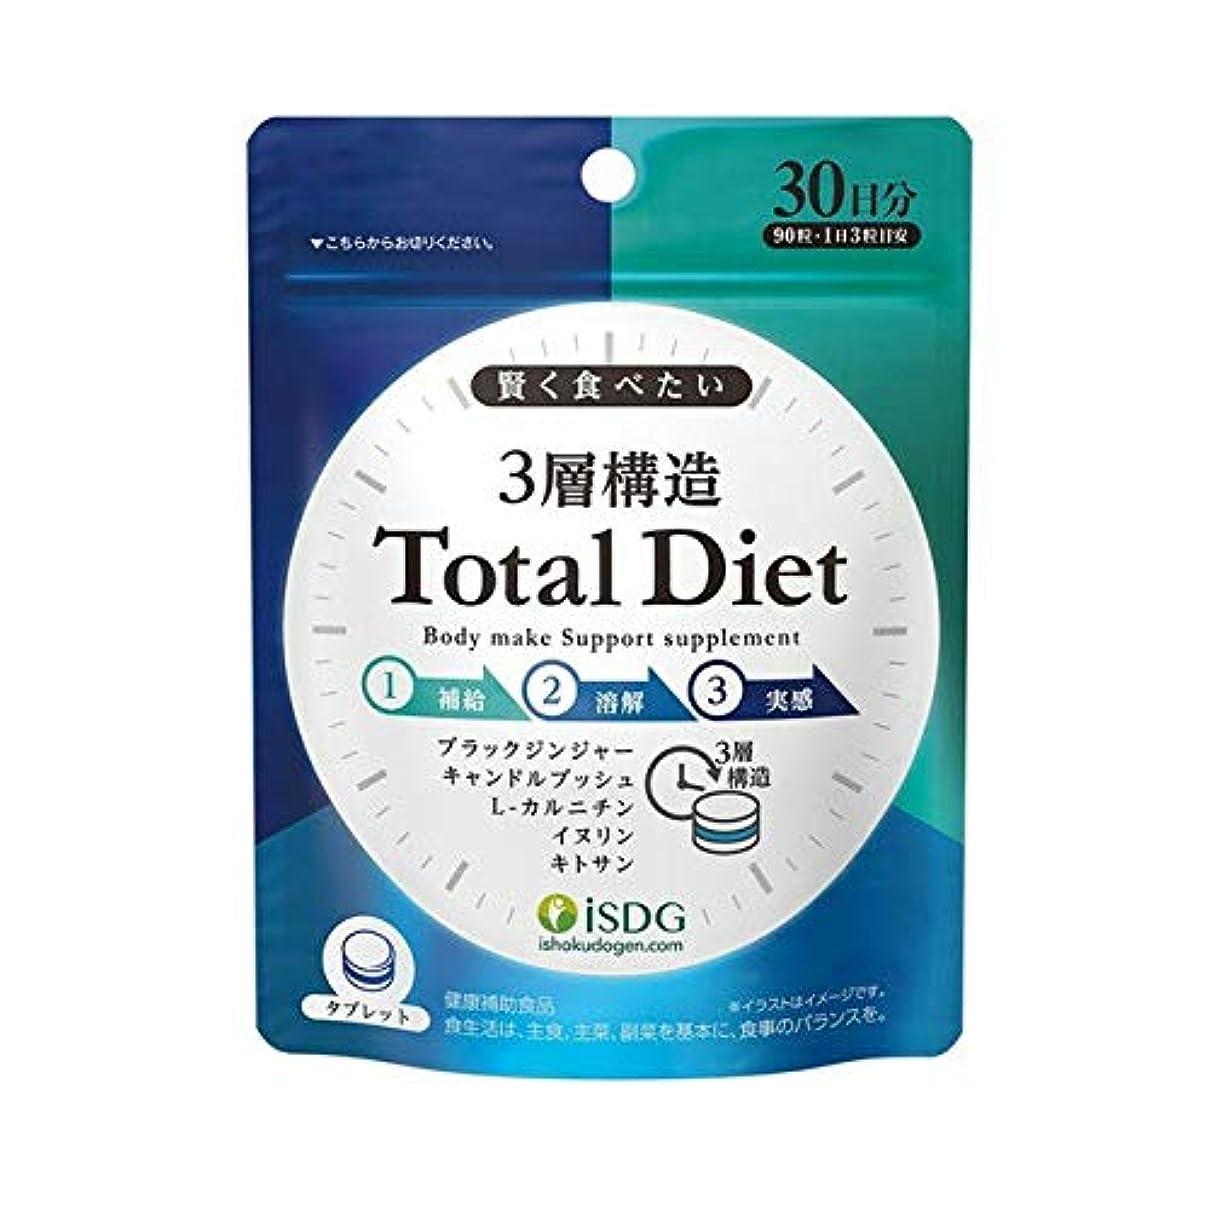 効果的に課す亡命医食同源ドットコム ISDG 3層構造 Total Diet 90粒入 トータル ダイエット×3個セット